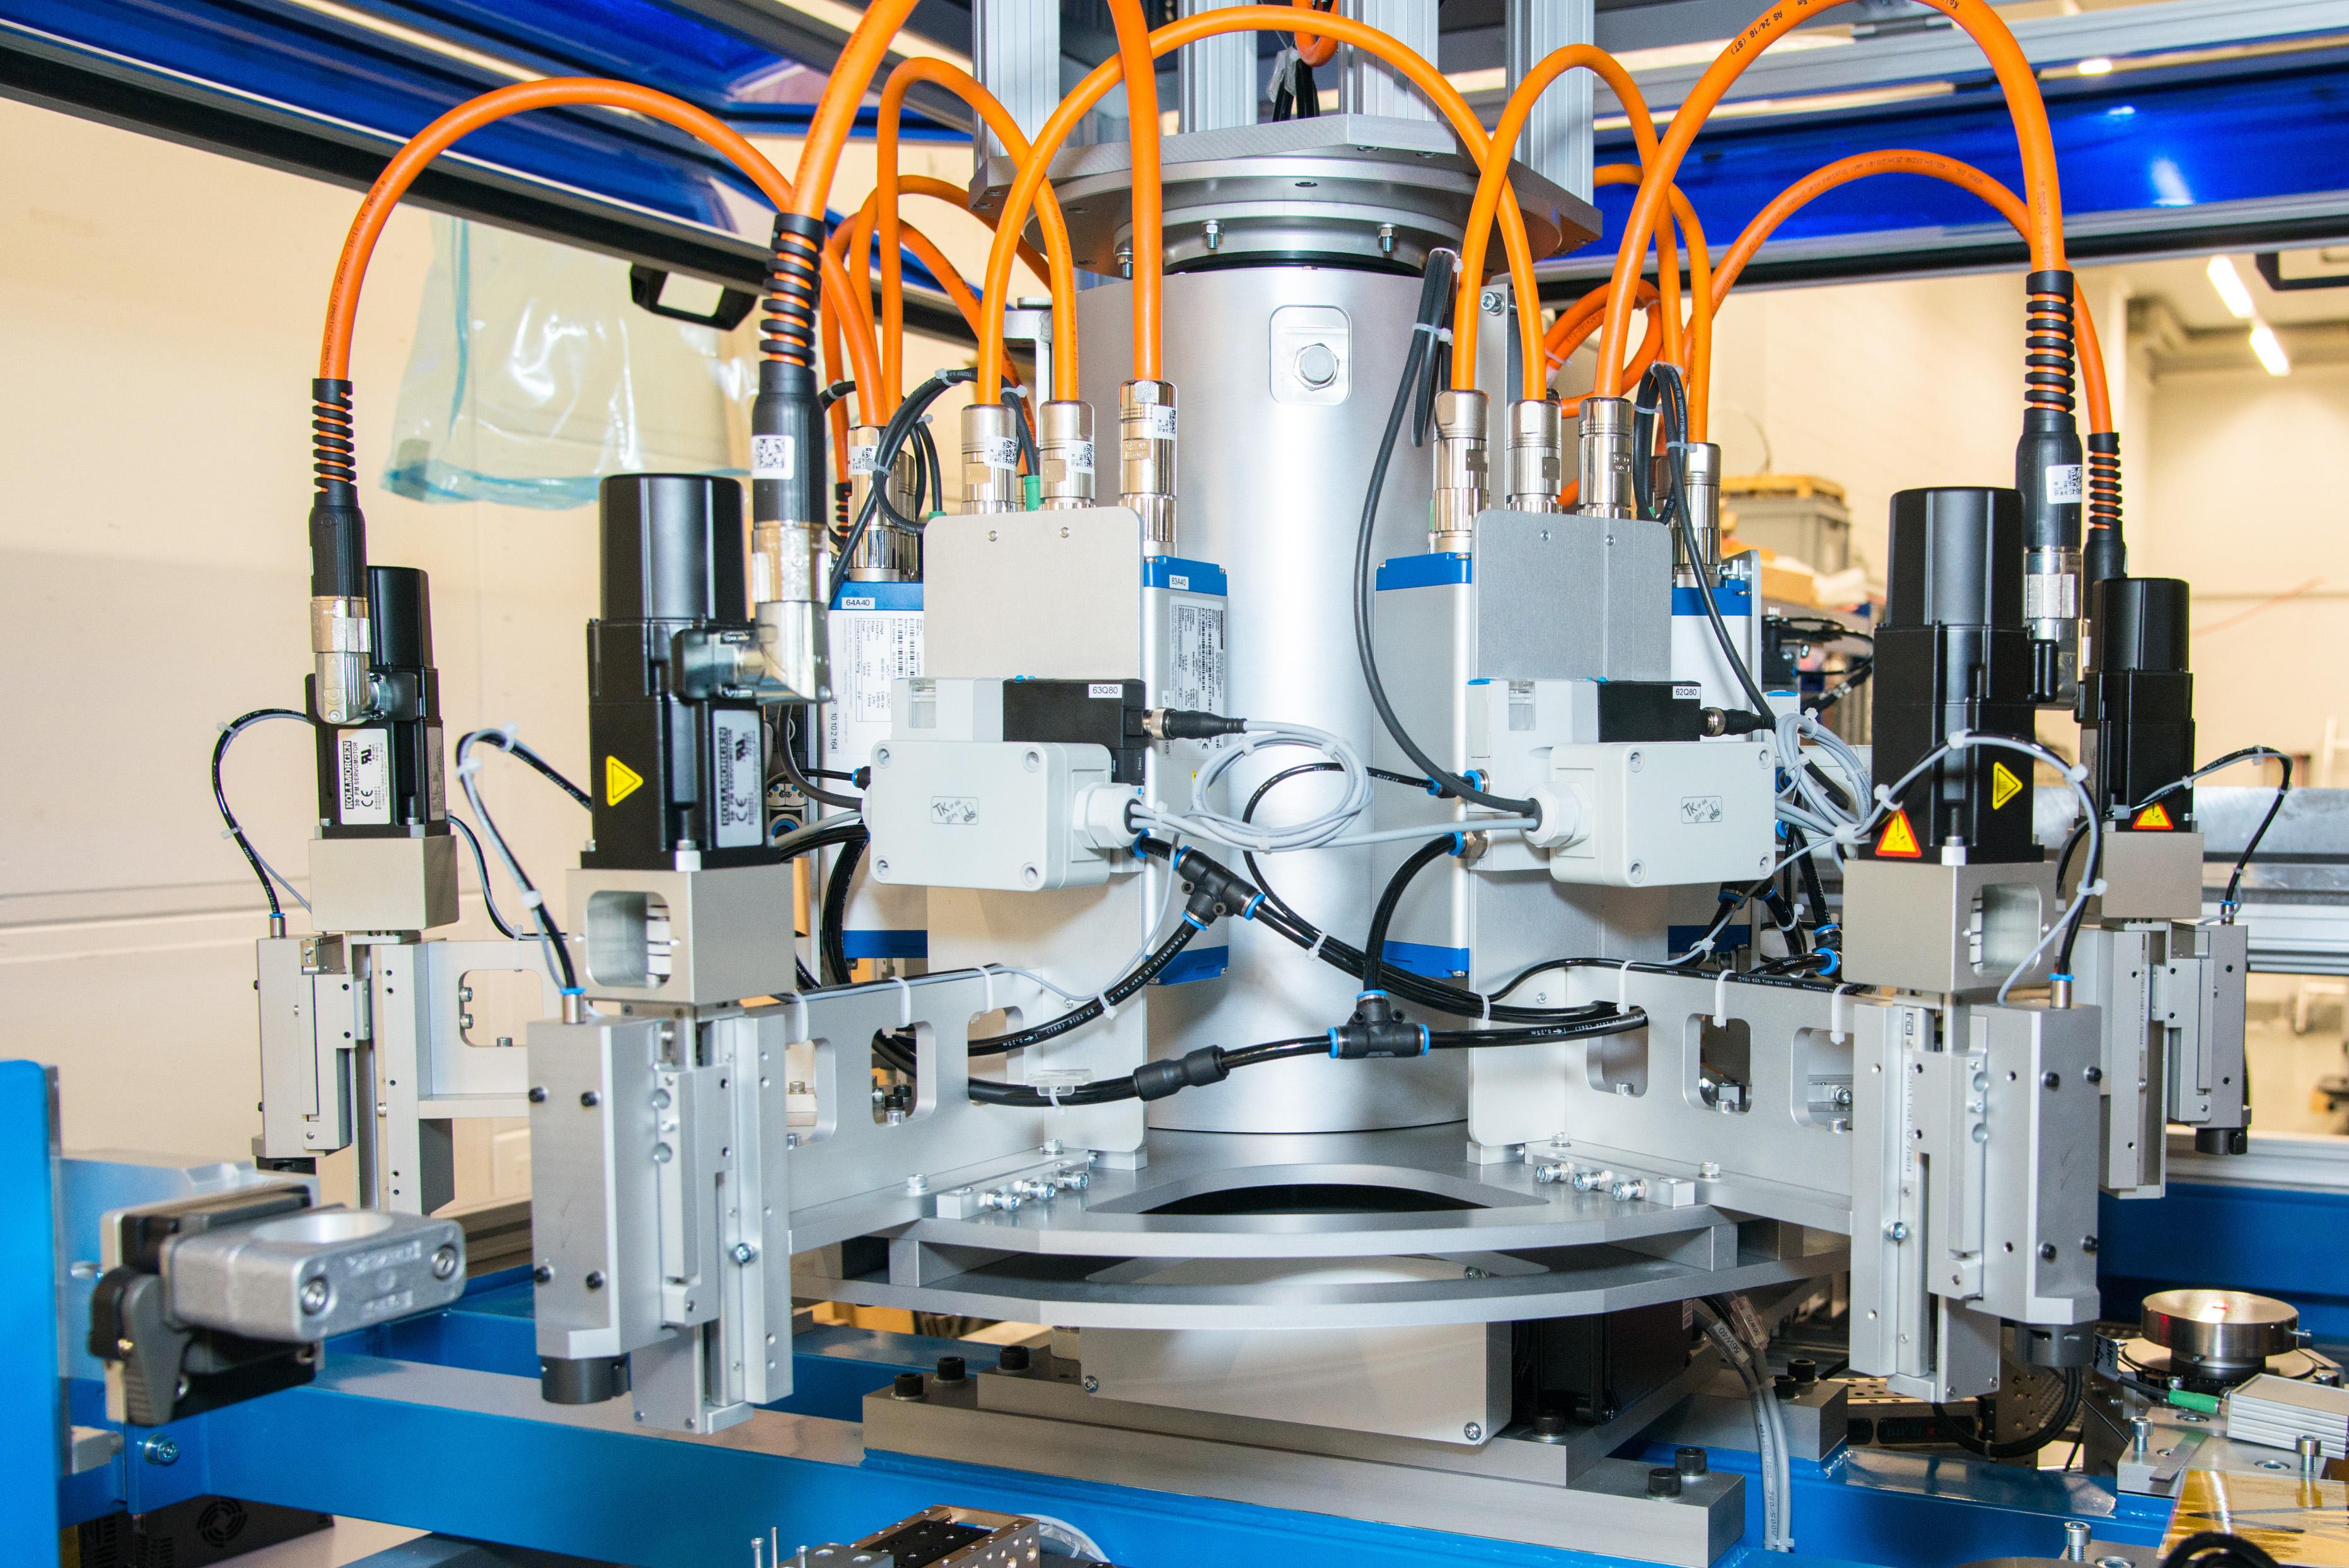 Ein Hersteller von Prüfanlagen aus der Schweiz nutzt bereits die TÜV-zertifizierte Sicherheitstechnik mit Schleifring und dezentralen KOLLMORGEN-Servoreglern AKD-N